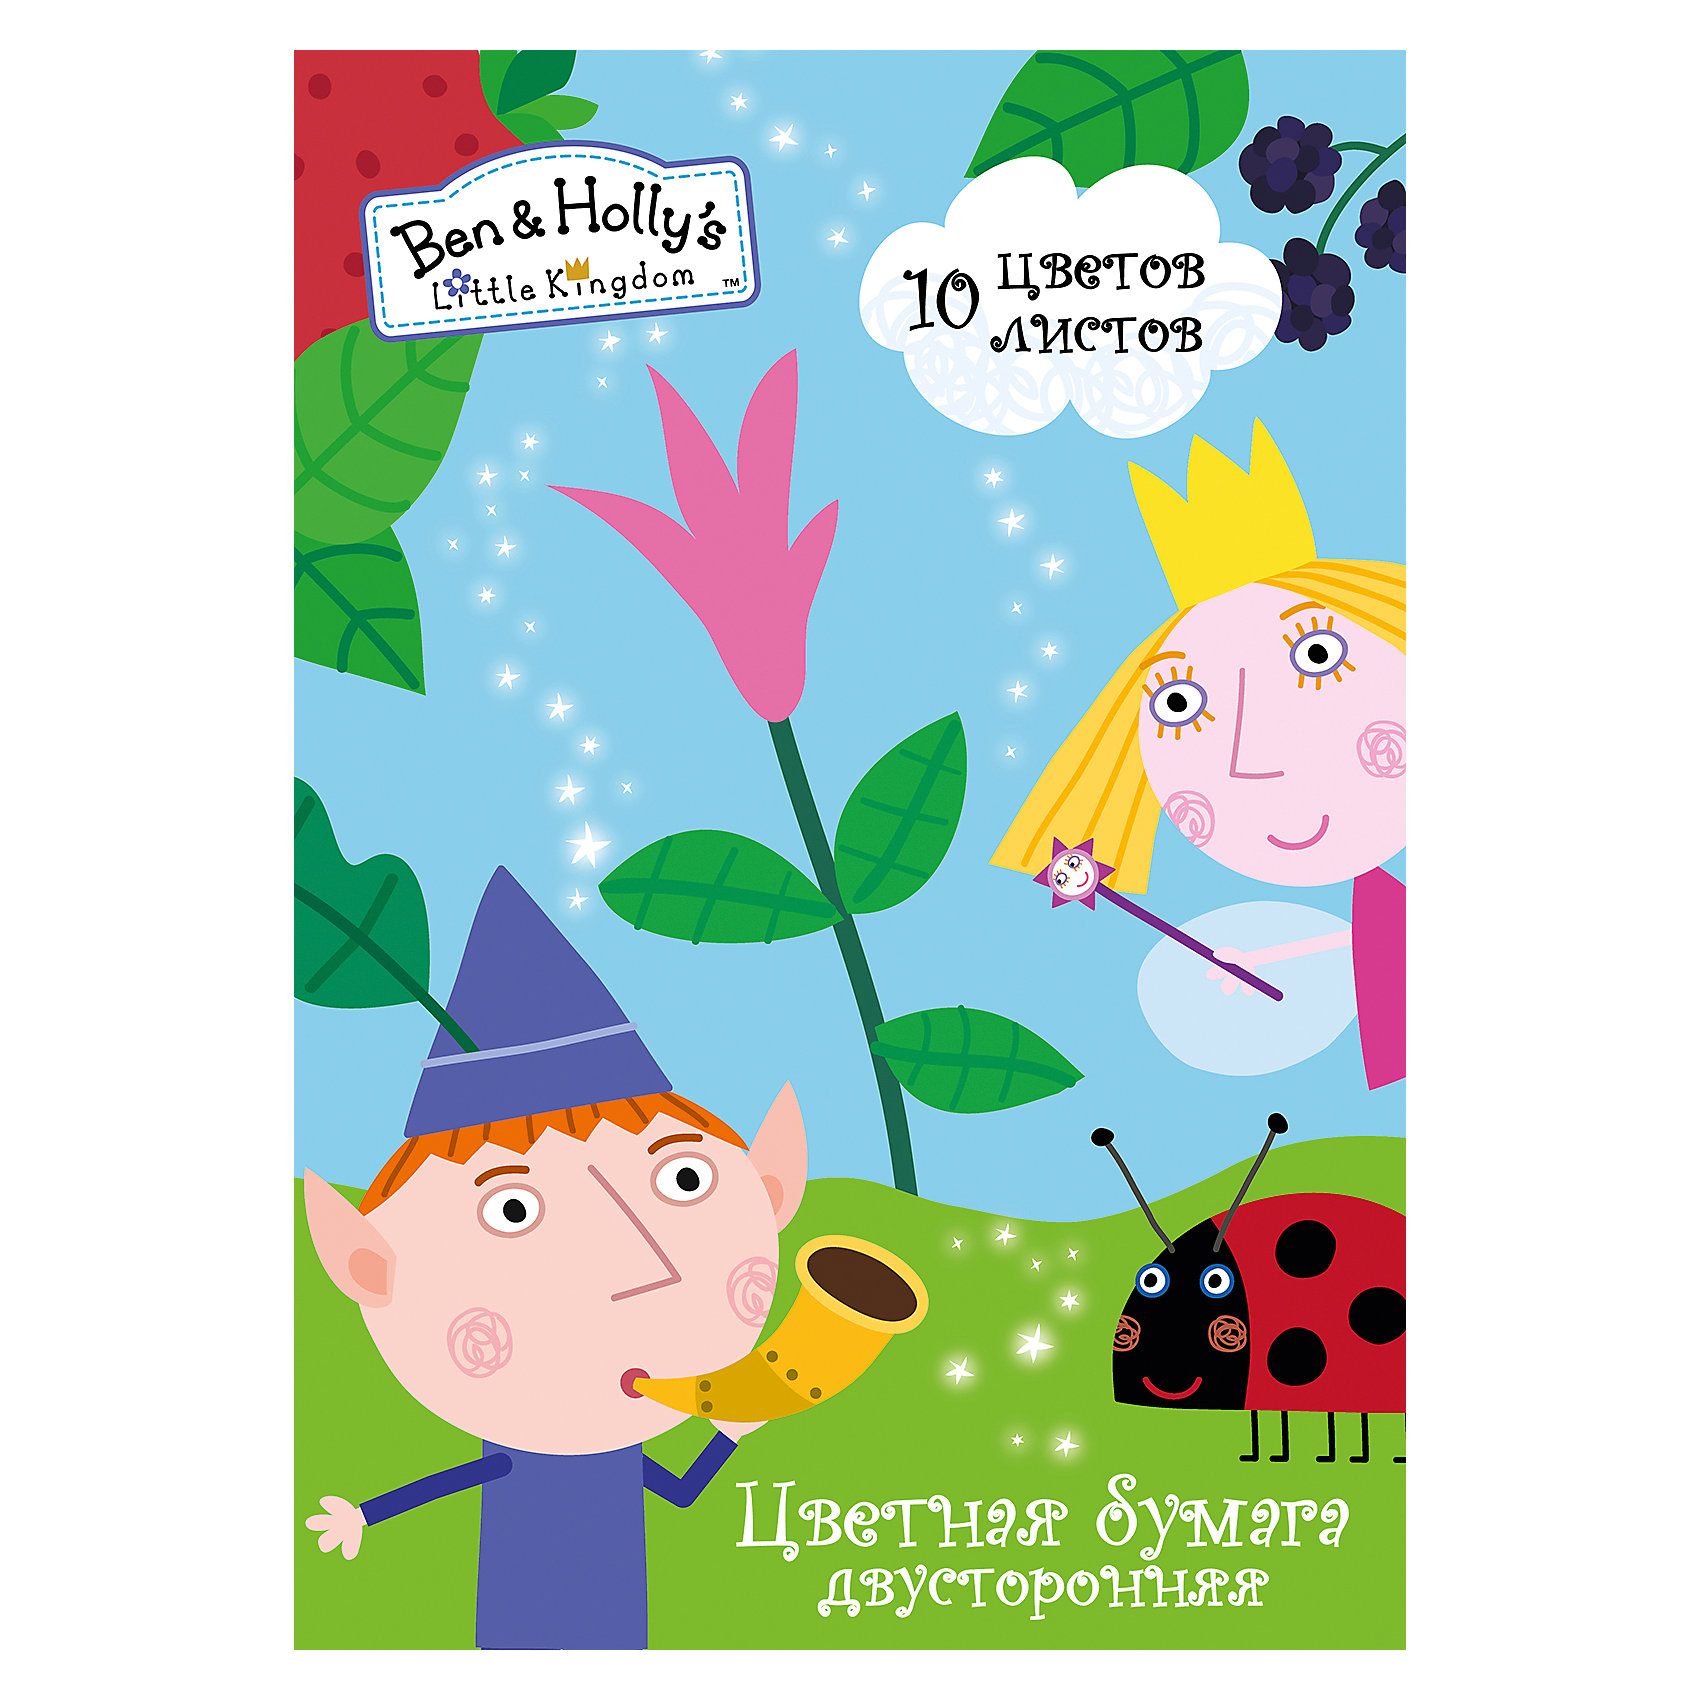 Цветная двусторонняя бумага, 10 листов, 10 цветов, Бен и ХоллиЦветная бумага Бен и Холли формата А4 идеально подходит для детского творчества: создания аппликаций, оригами и других поделок. В упаковке 10 цветов (10 листов) мелованной бумаги с двусторонней печатью: желтый, оранжевый, красный, синий, зеленый, фиолетовый, коричневый, черный, золотой, серебристый. Упаковка: папка (29,4х20,5х0,2 см) с двумя клапанами, выполненная из мелованного картона с глянцевым лаком.<br><br>Ширина мм: 292<br>Глубина мм: 205<br>Высота мм: 20<br>Вес г: 80<br>Возраст от месяцев: 36<br>Возраст до месяцев: 2147483647<br>Пол: Унисекс<br>Возраст: Детский<br>SKU: 5453296